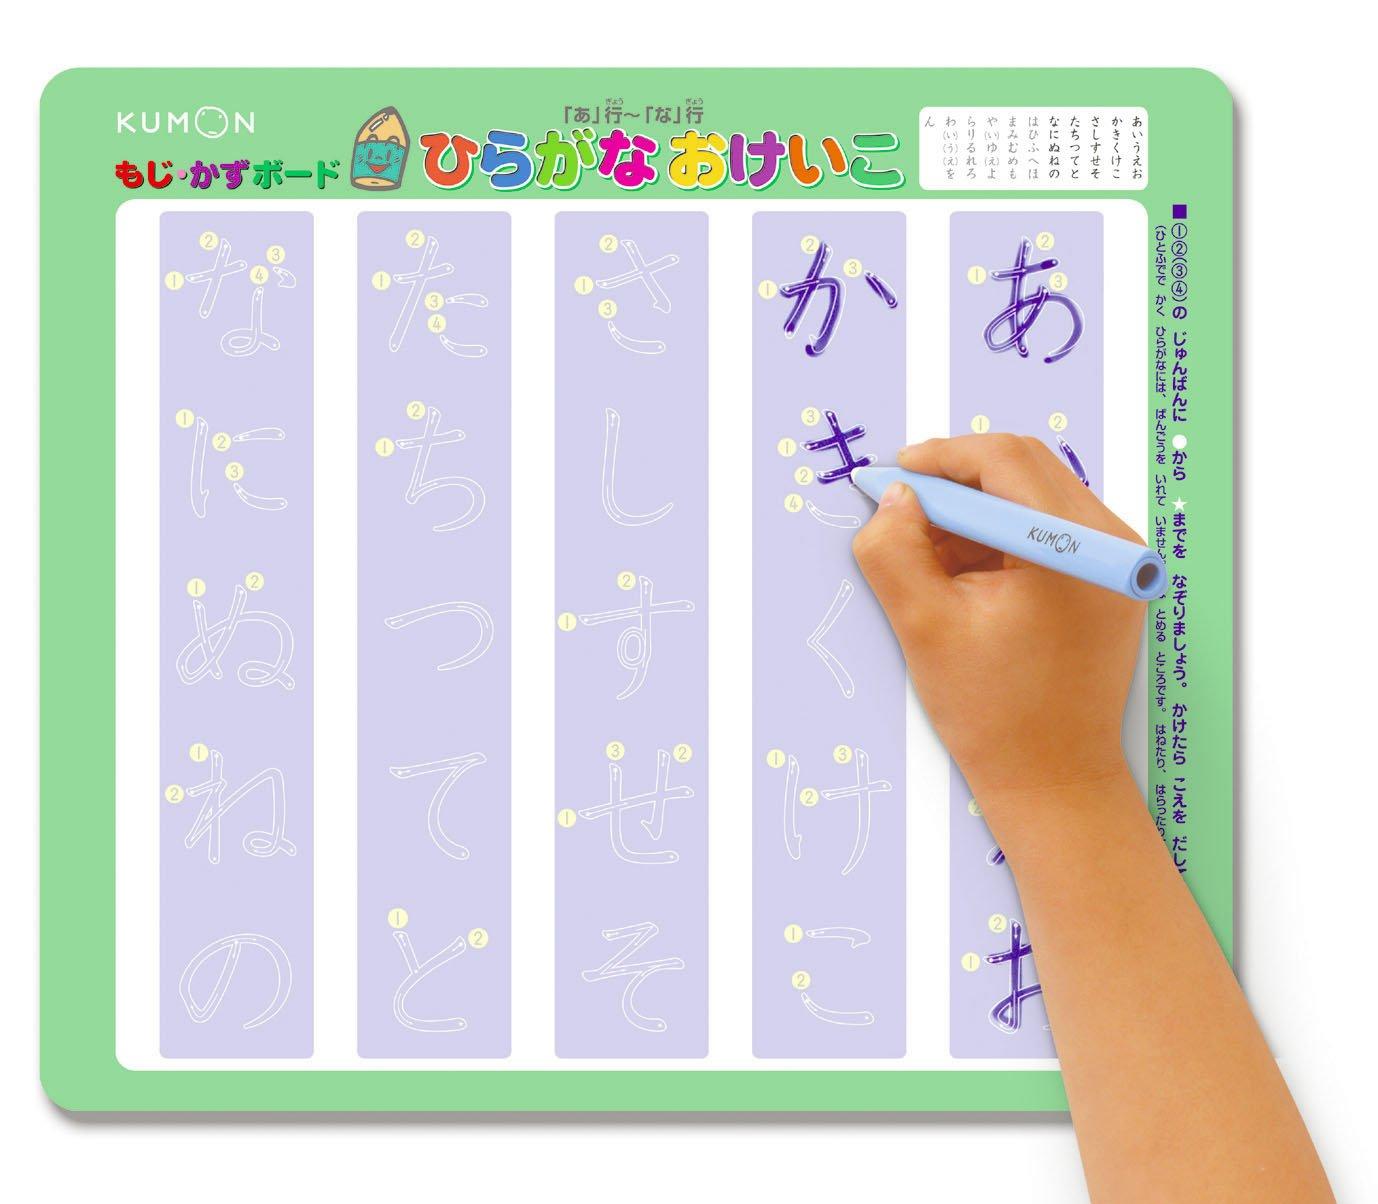 Kumon Character & Number Practice Board [Hiragana Katakana] by Kumon